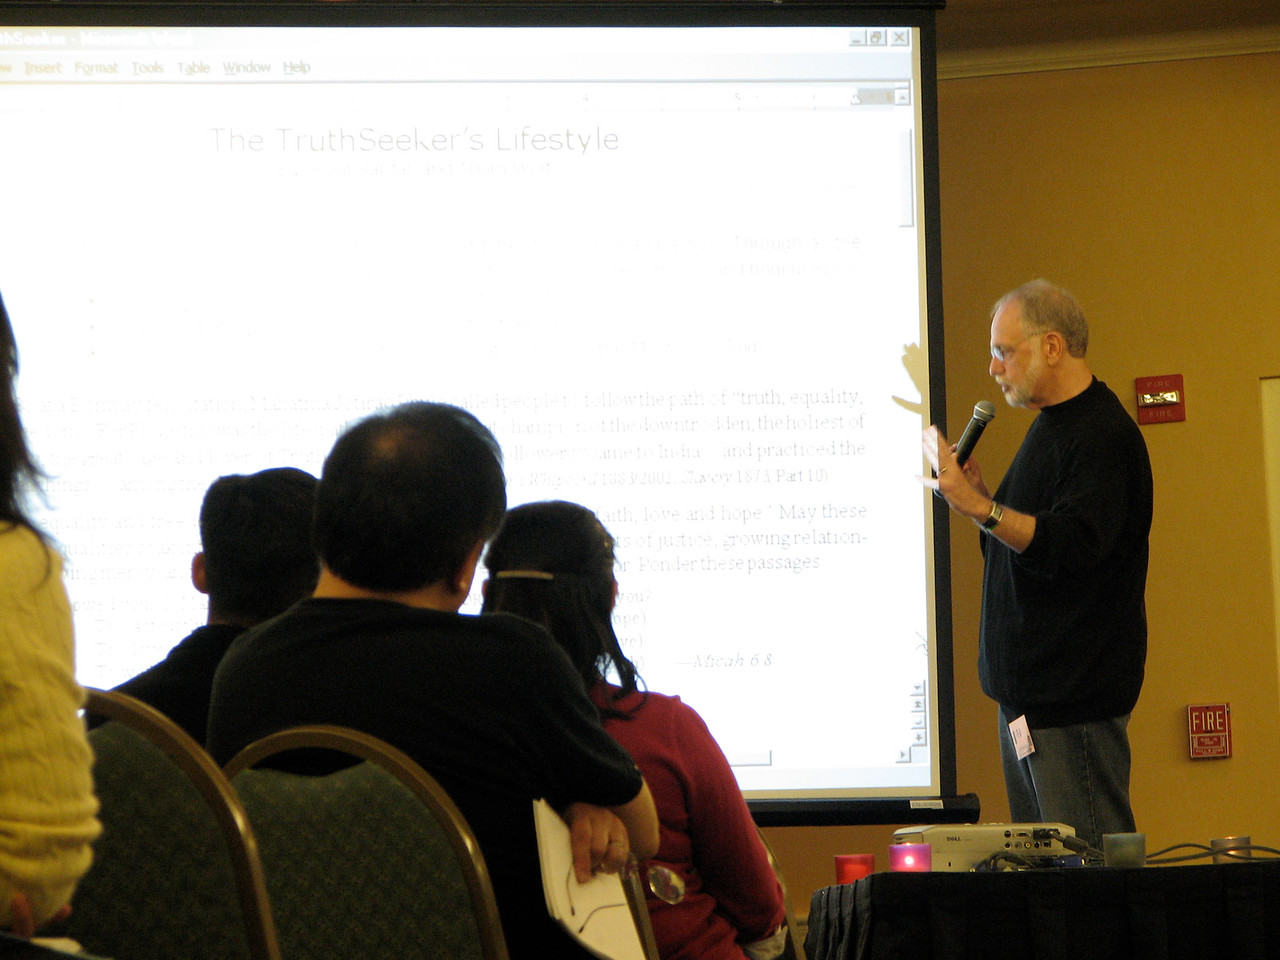 2007 02 17 Sat - Dr  Thom Wolf speaking 4